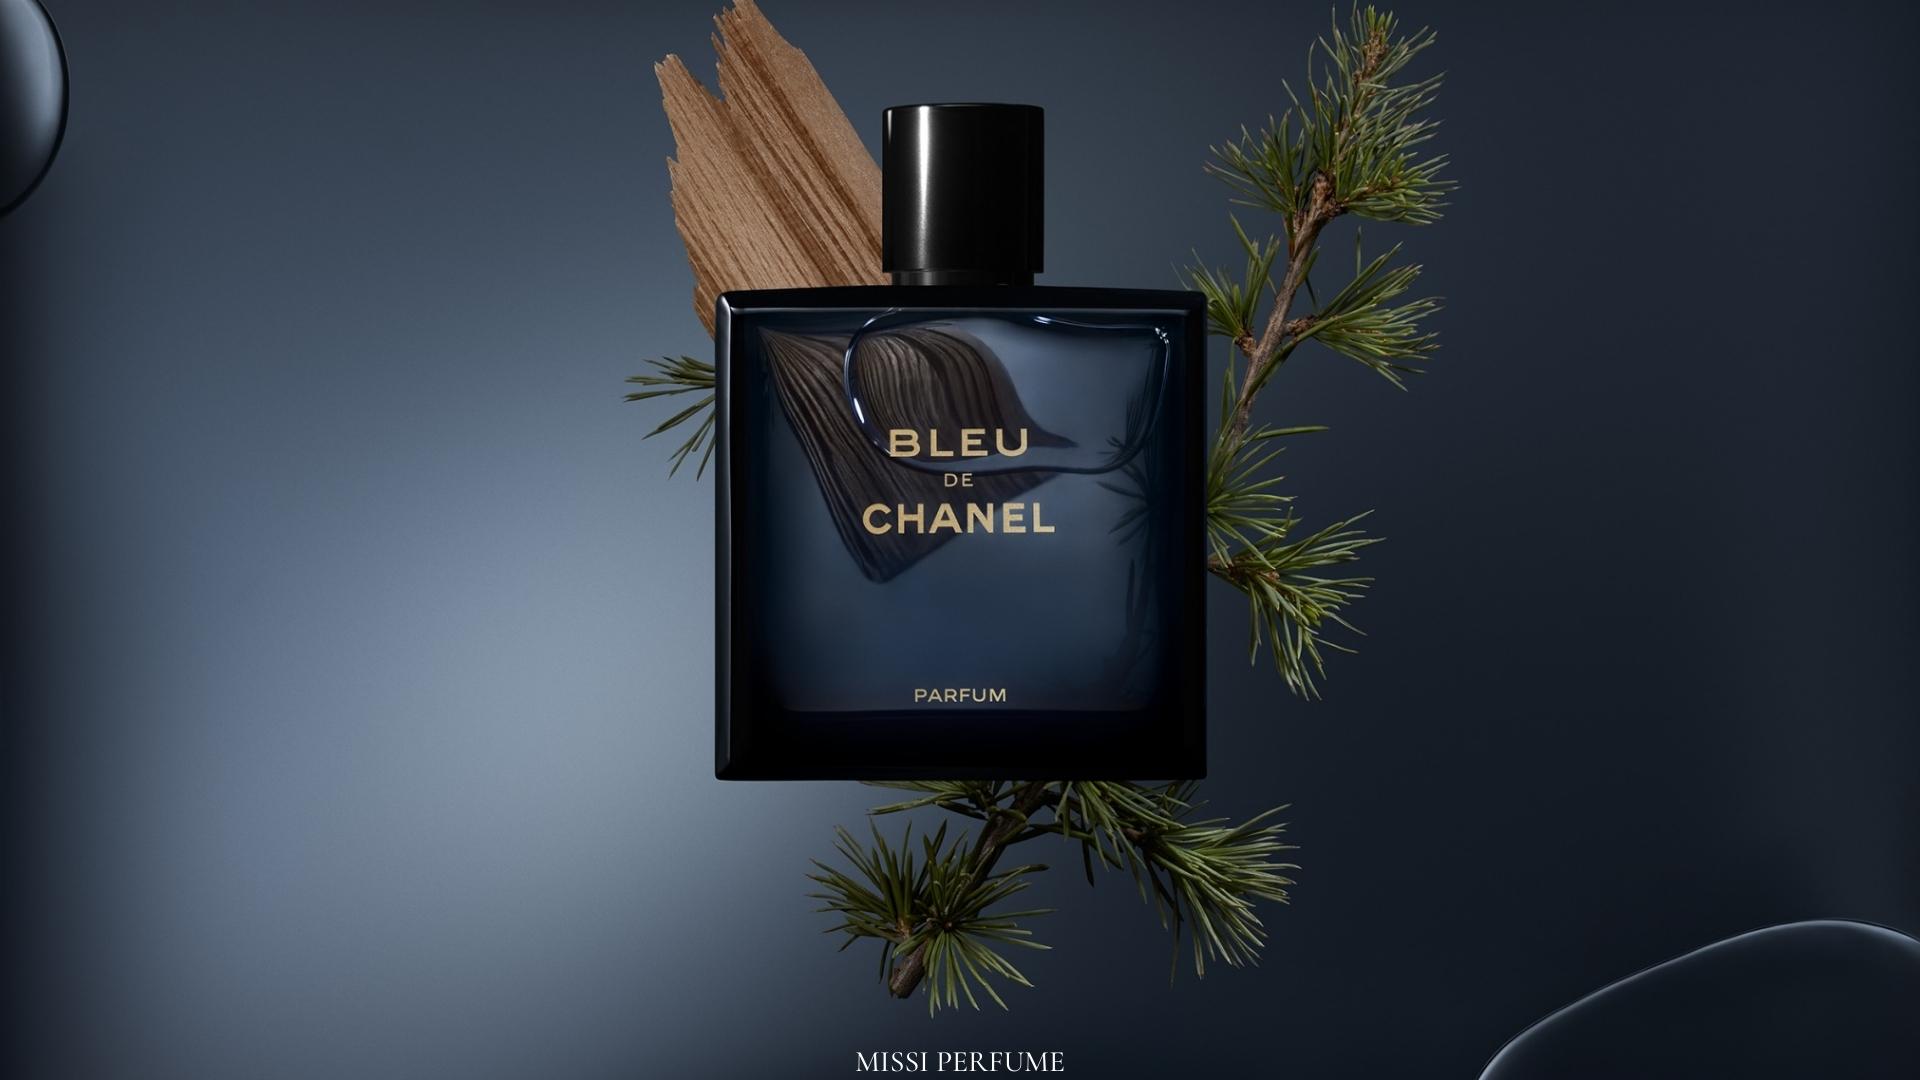 Bleu De Chanel Parfum - Nước hoa mùa đông cho nam